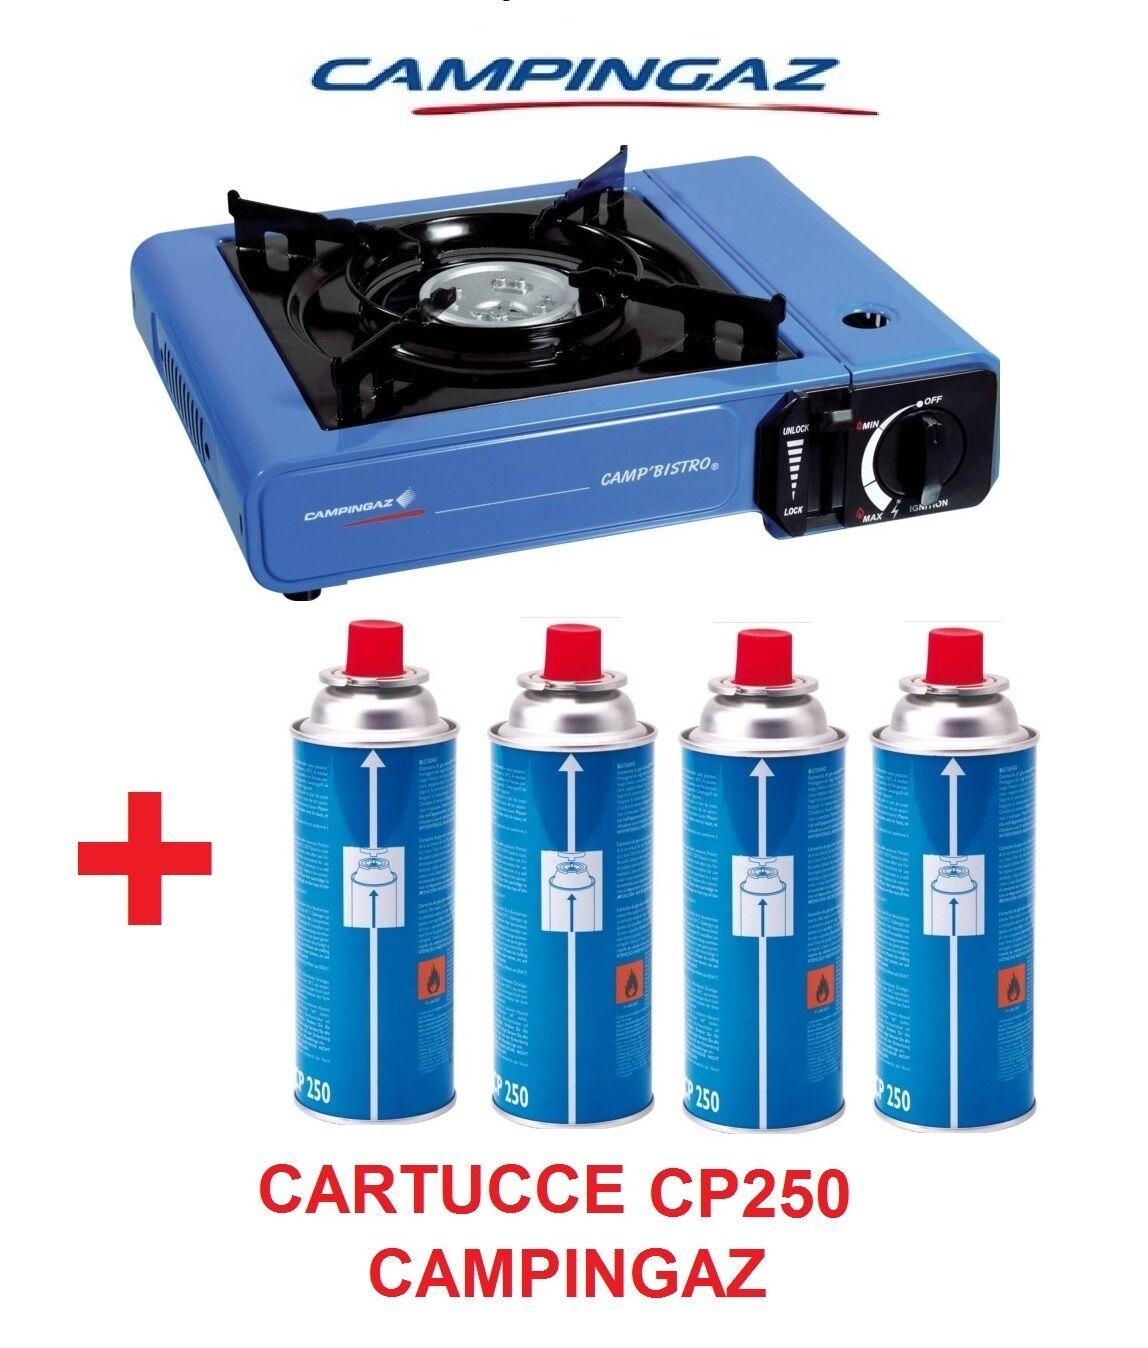 FORNELLO DA TAVOLO CAMP BISTRO IDEALE PER CAMPEGGIO + 4 CARTUCCE GAS CAMPINGAZ